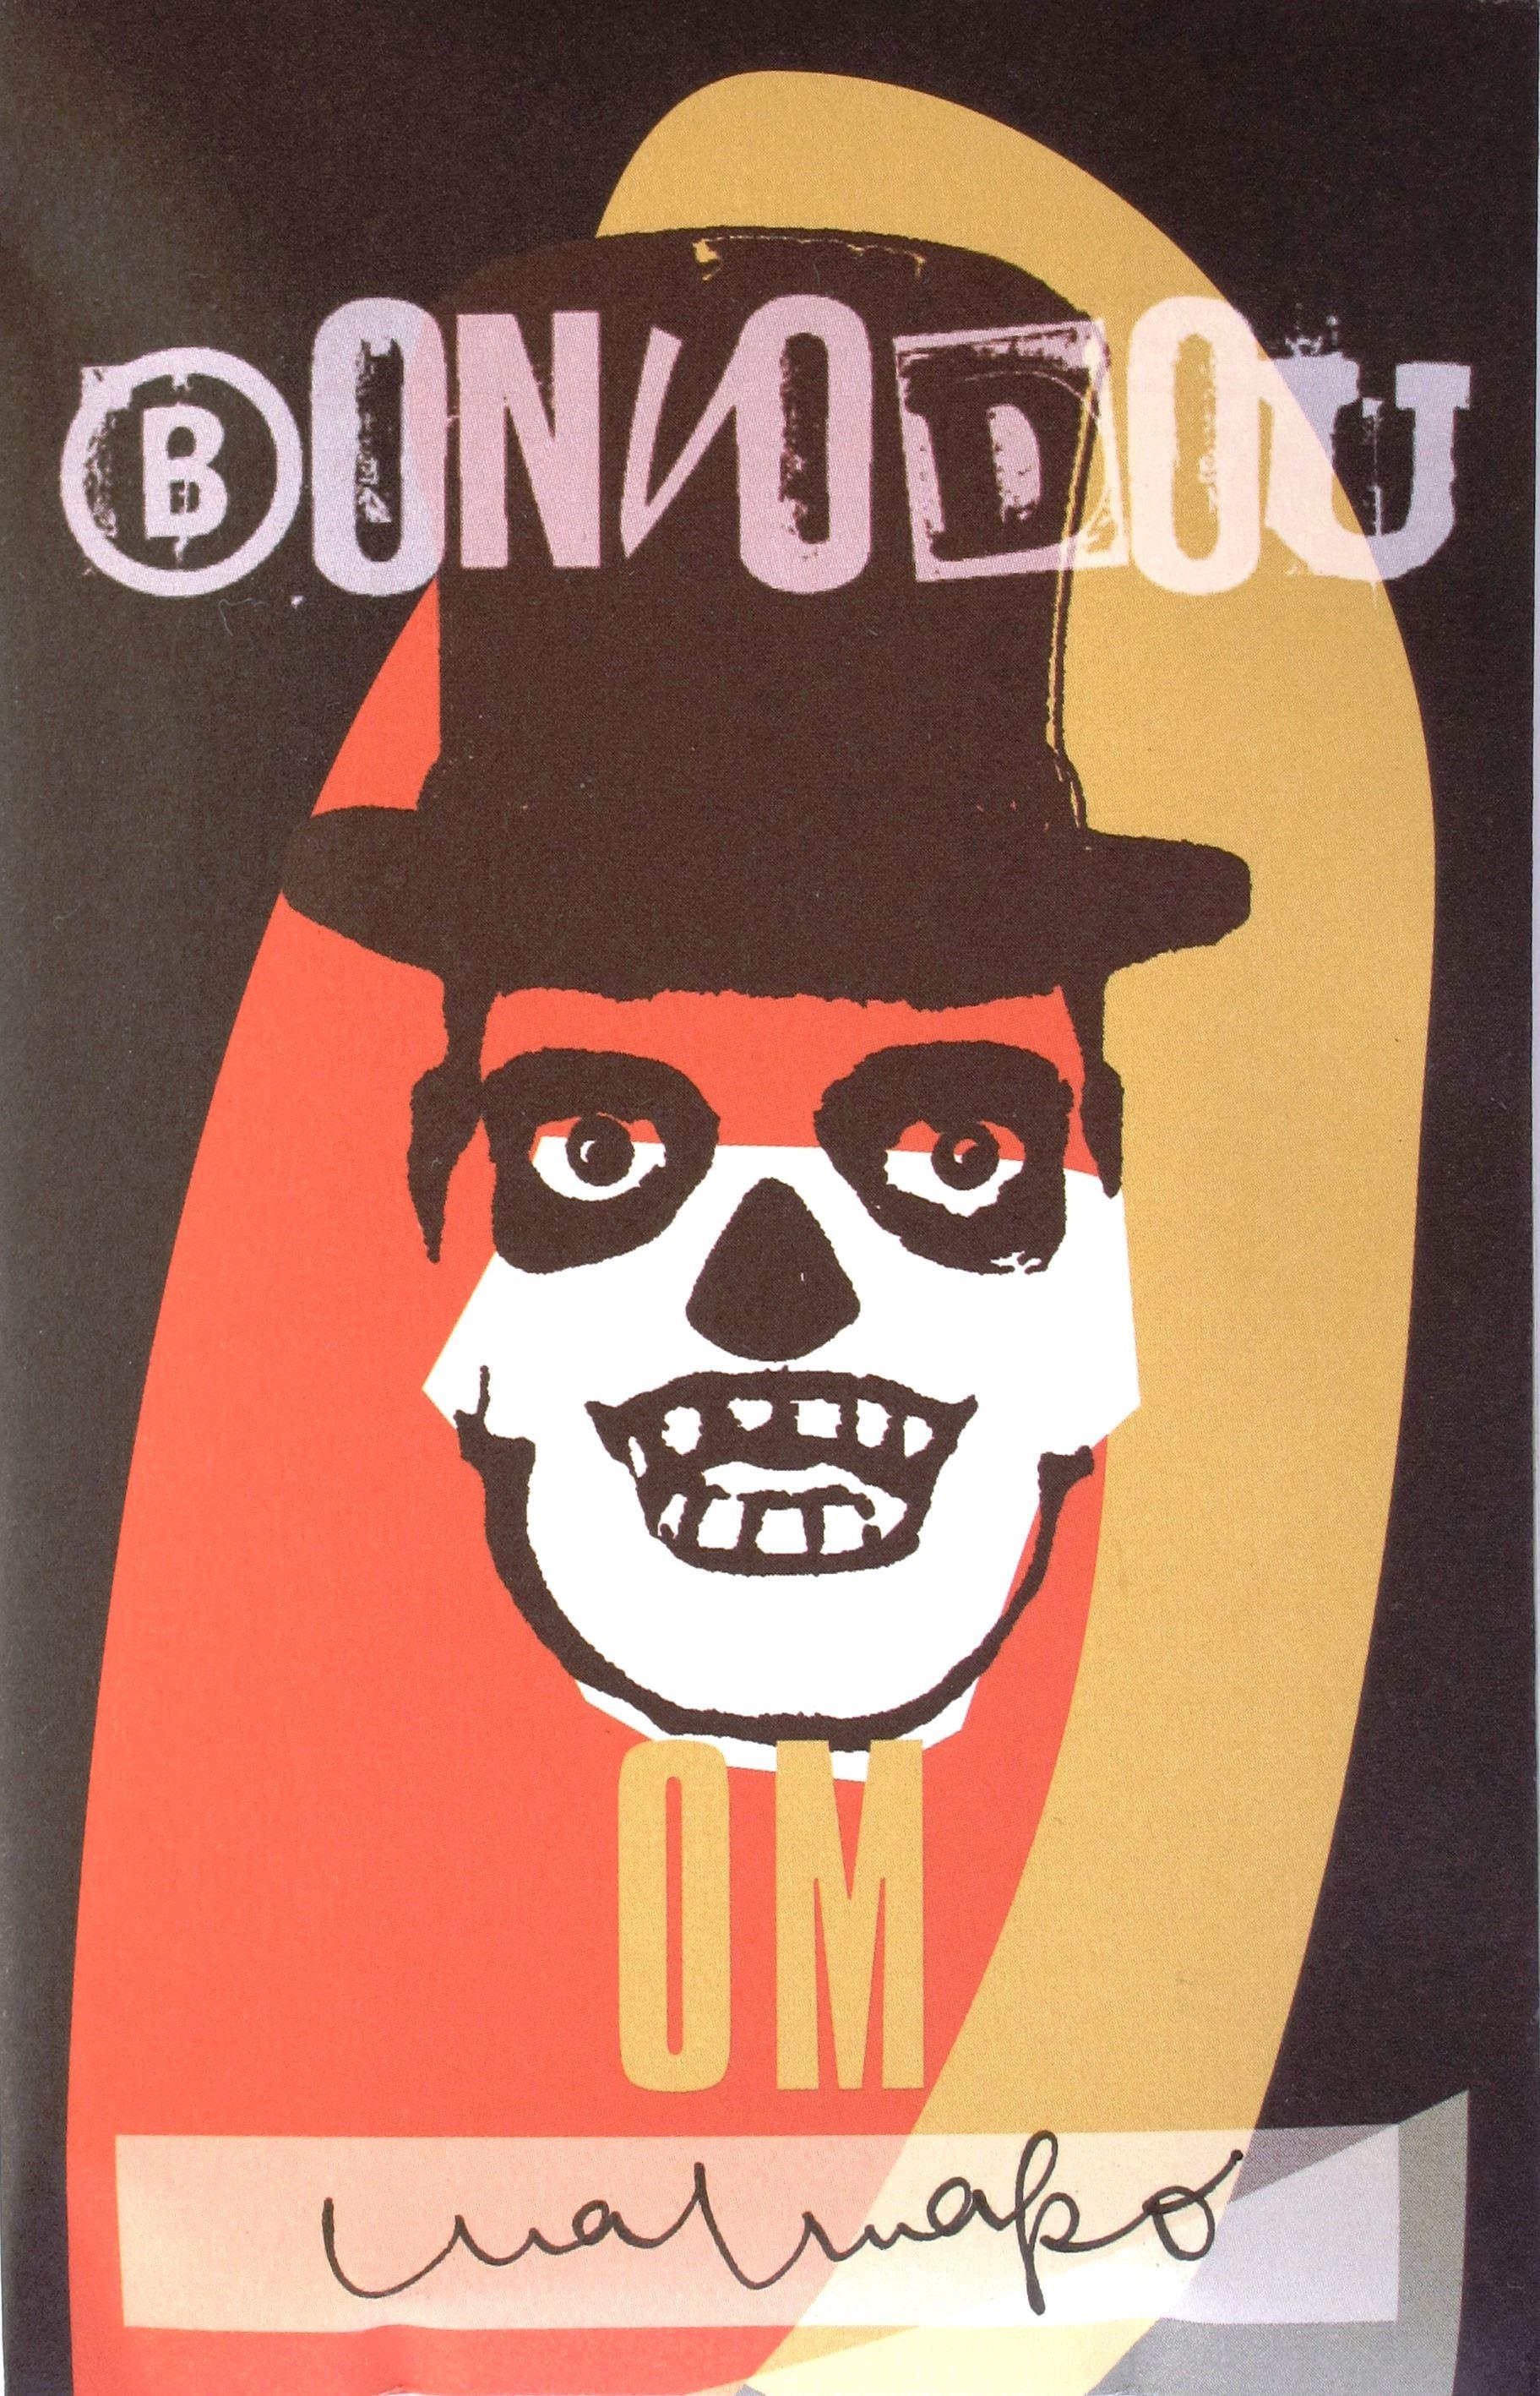 Packung Bonvodou 75%-Mamako-Schokolade